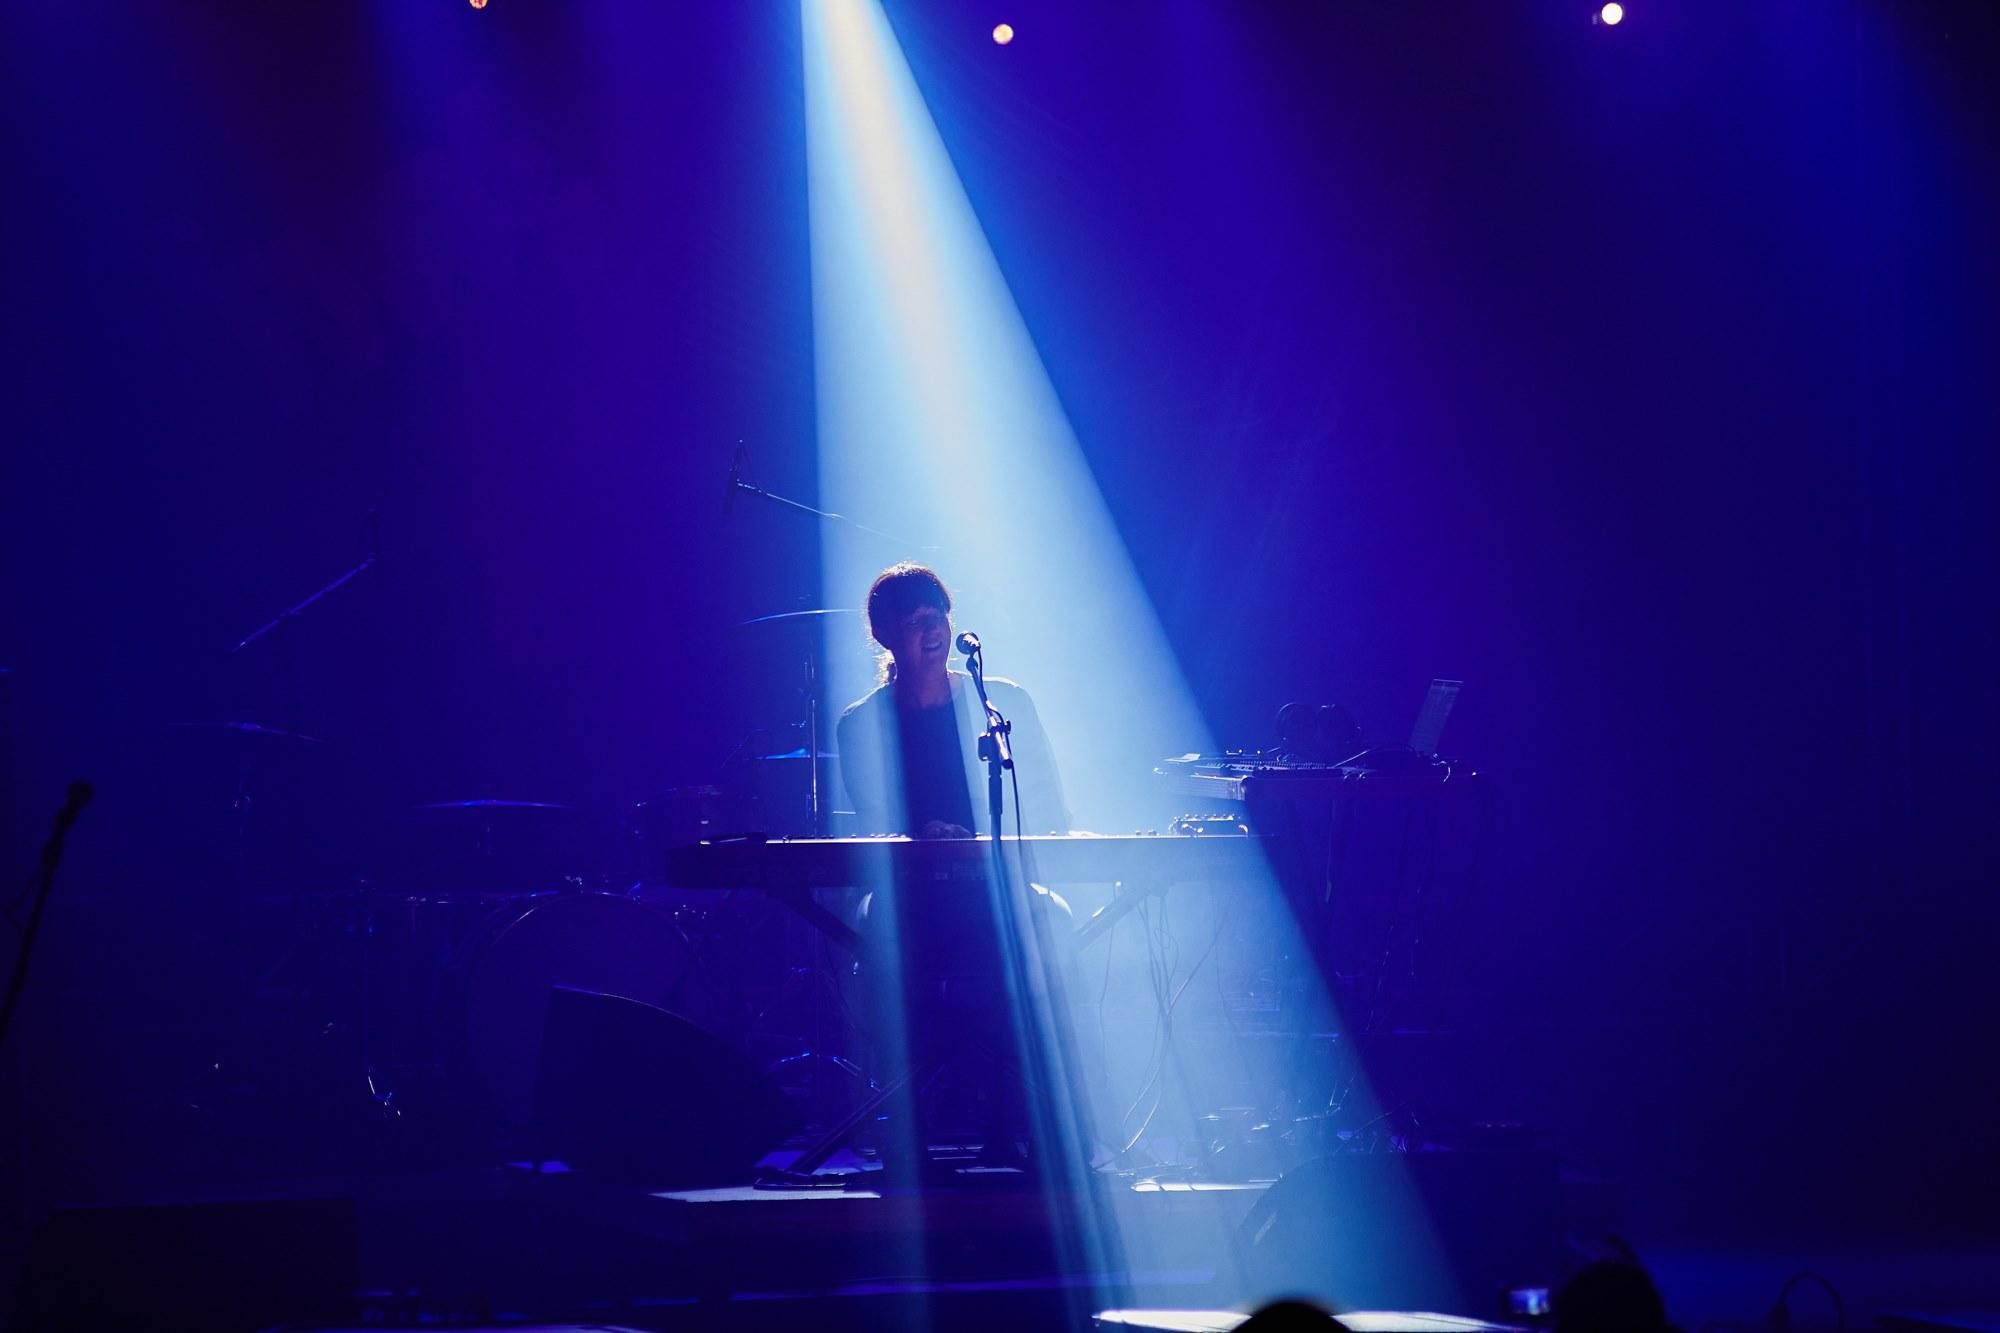 [Zdjęcie z koncertu Barbary Morgenstern przedstawia kobietę oświetloną niebieskim światłem. Kobieta siedzi przy mikrofonie i gra na keyboardzie.]